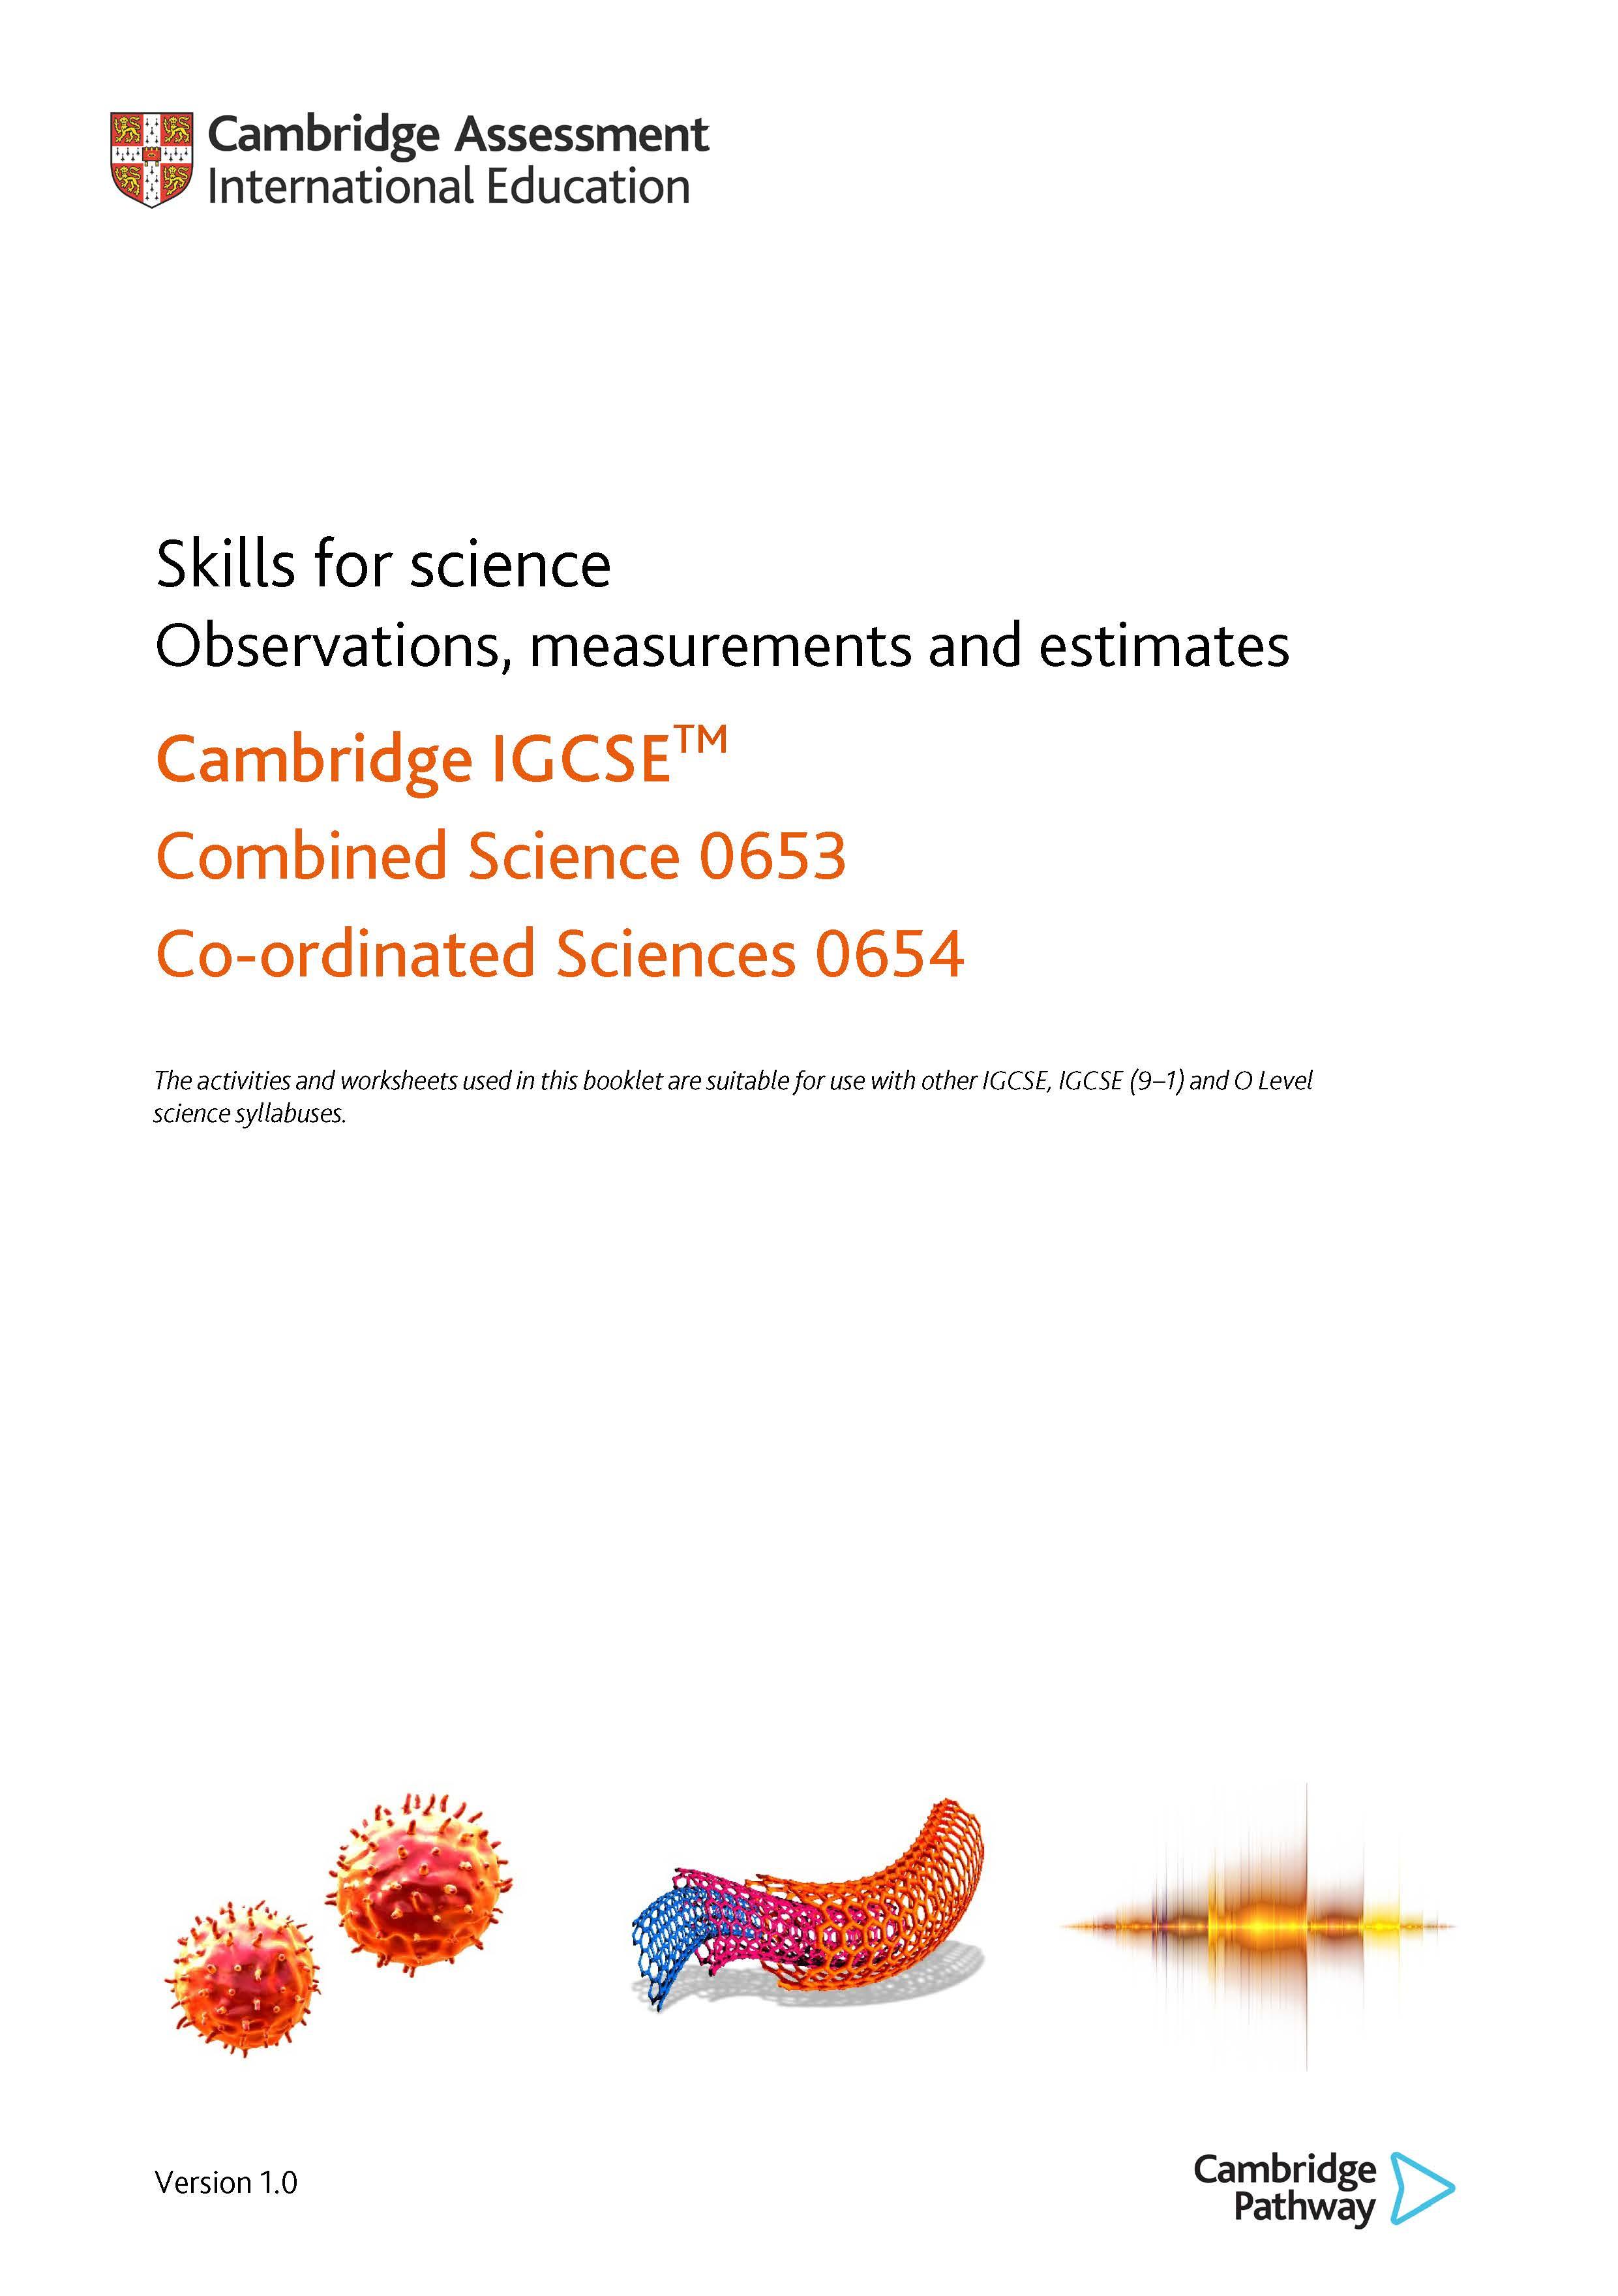 Skills for science - Observation